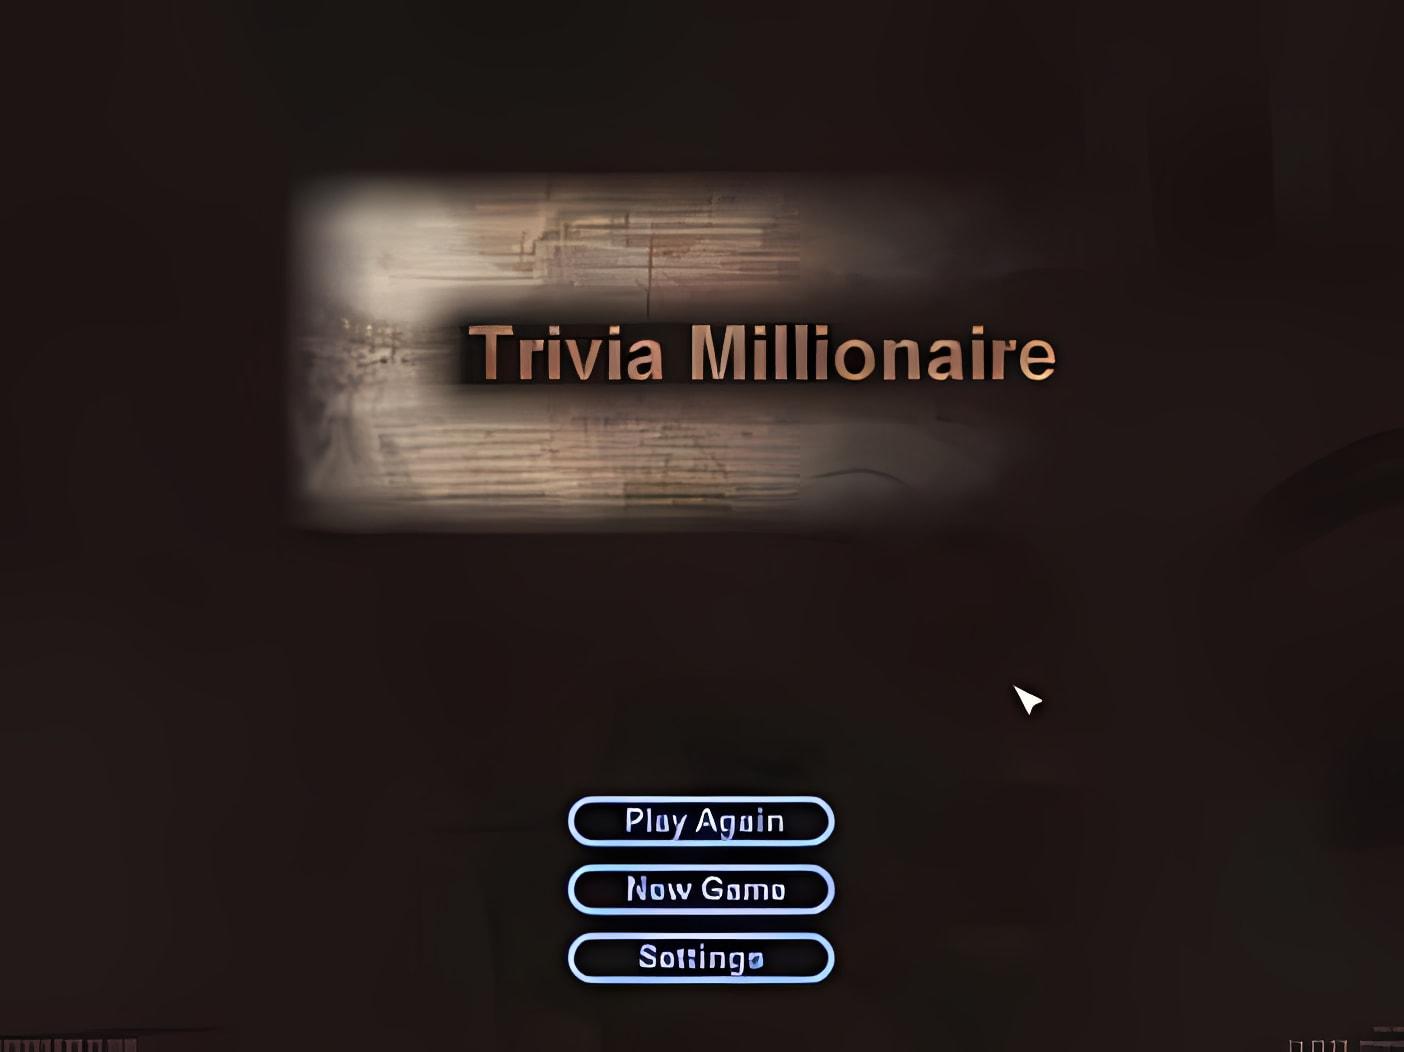 Trivia Millionaire